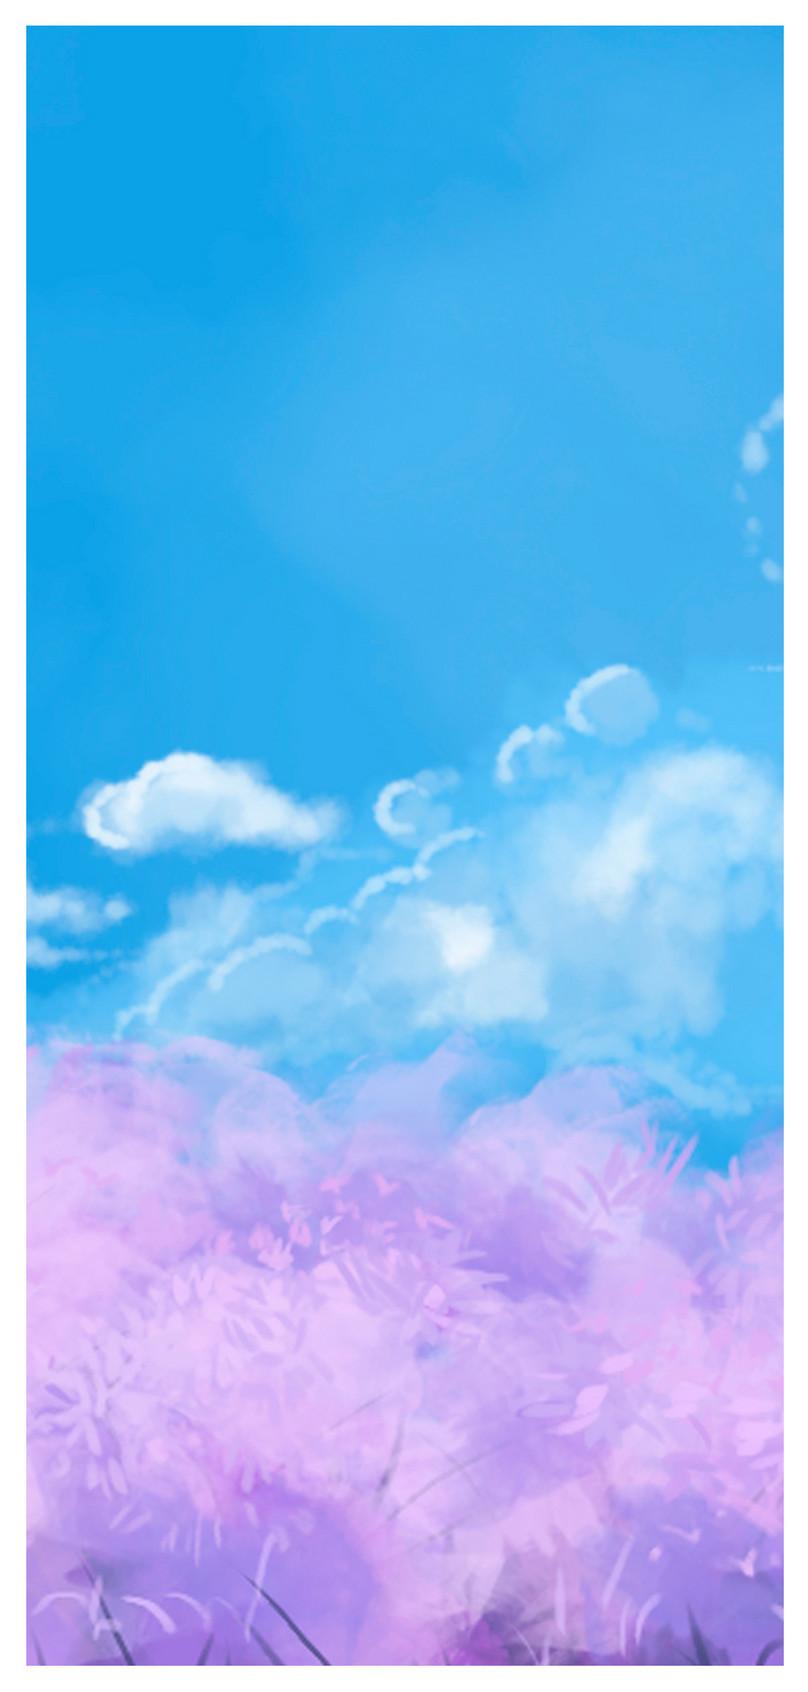 Bunga Laut Awan Kertas Dinding Telefon Bimbit Gambar Unduh